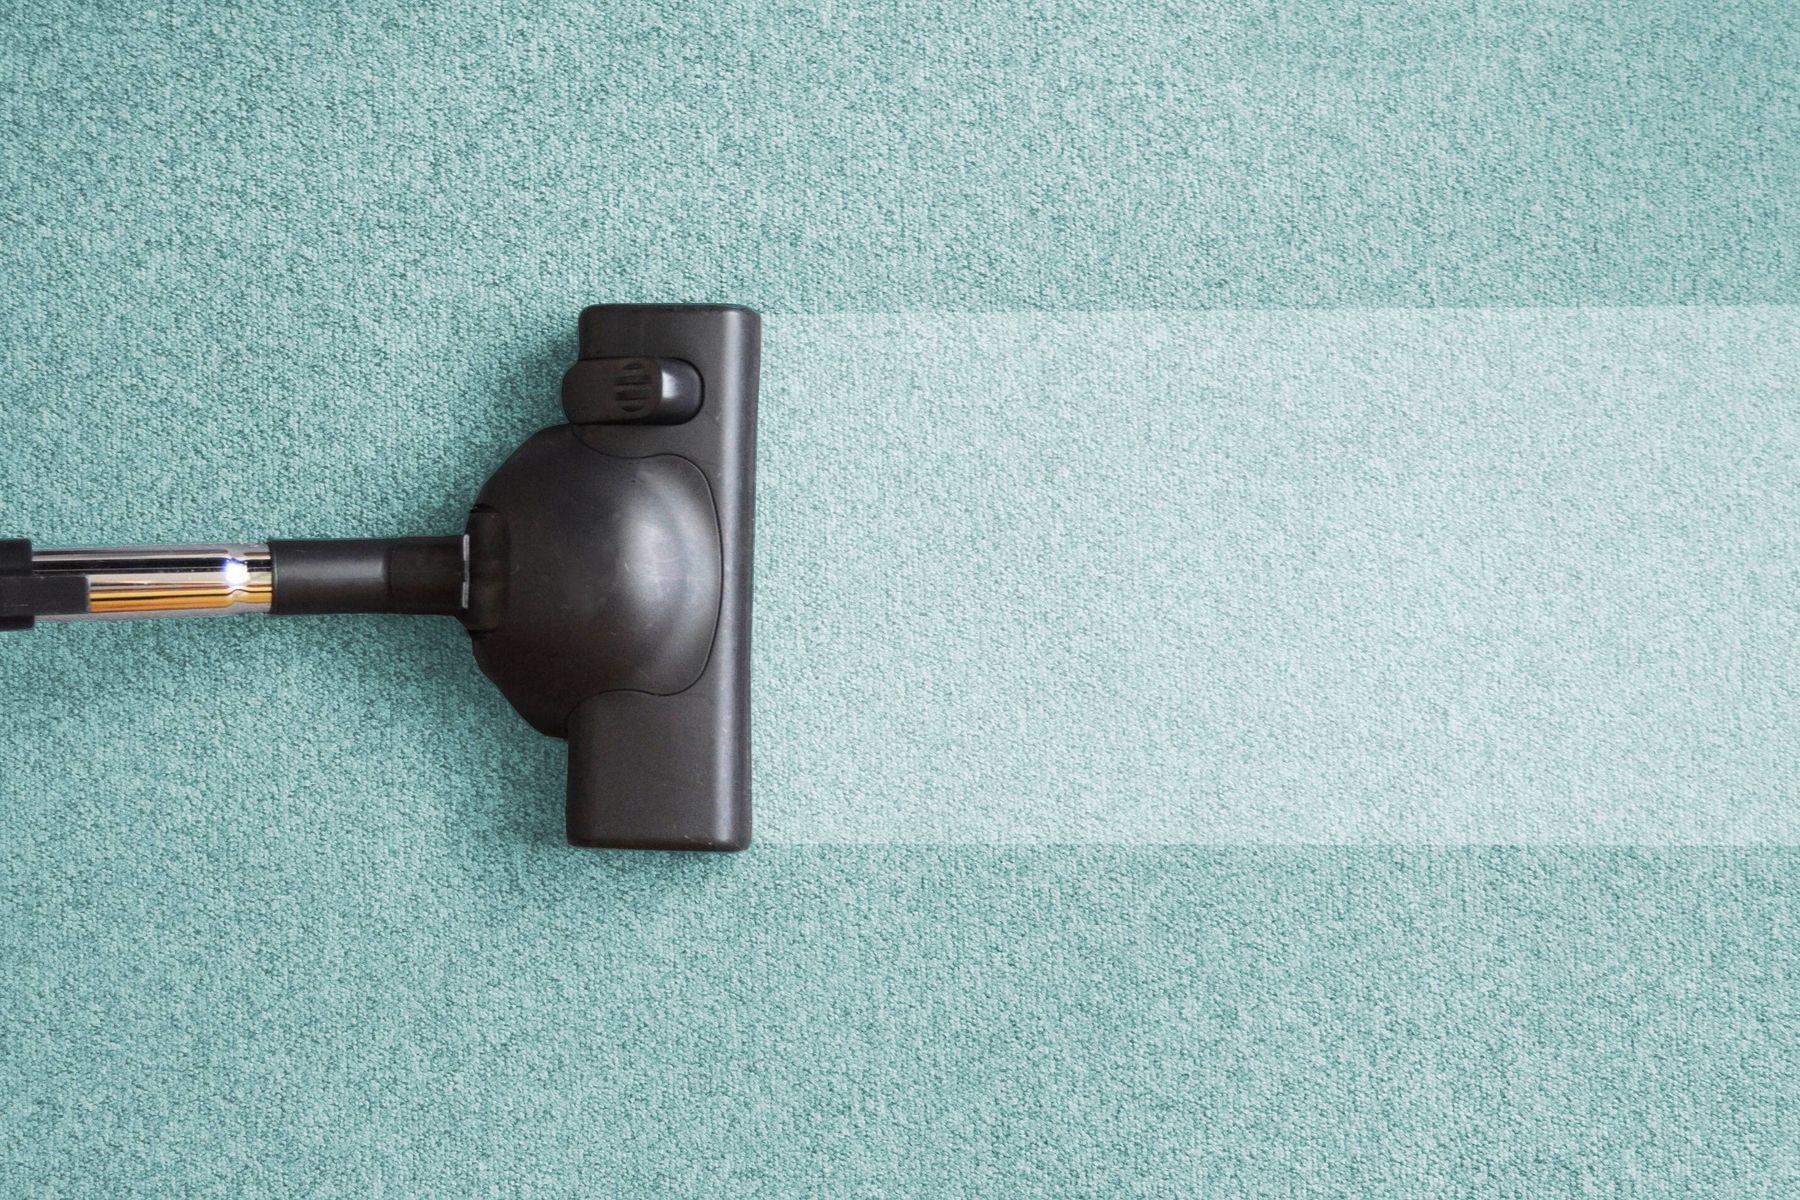 aspirateur qui aspire le tapis